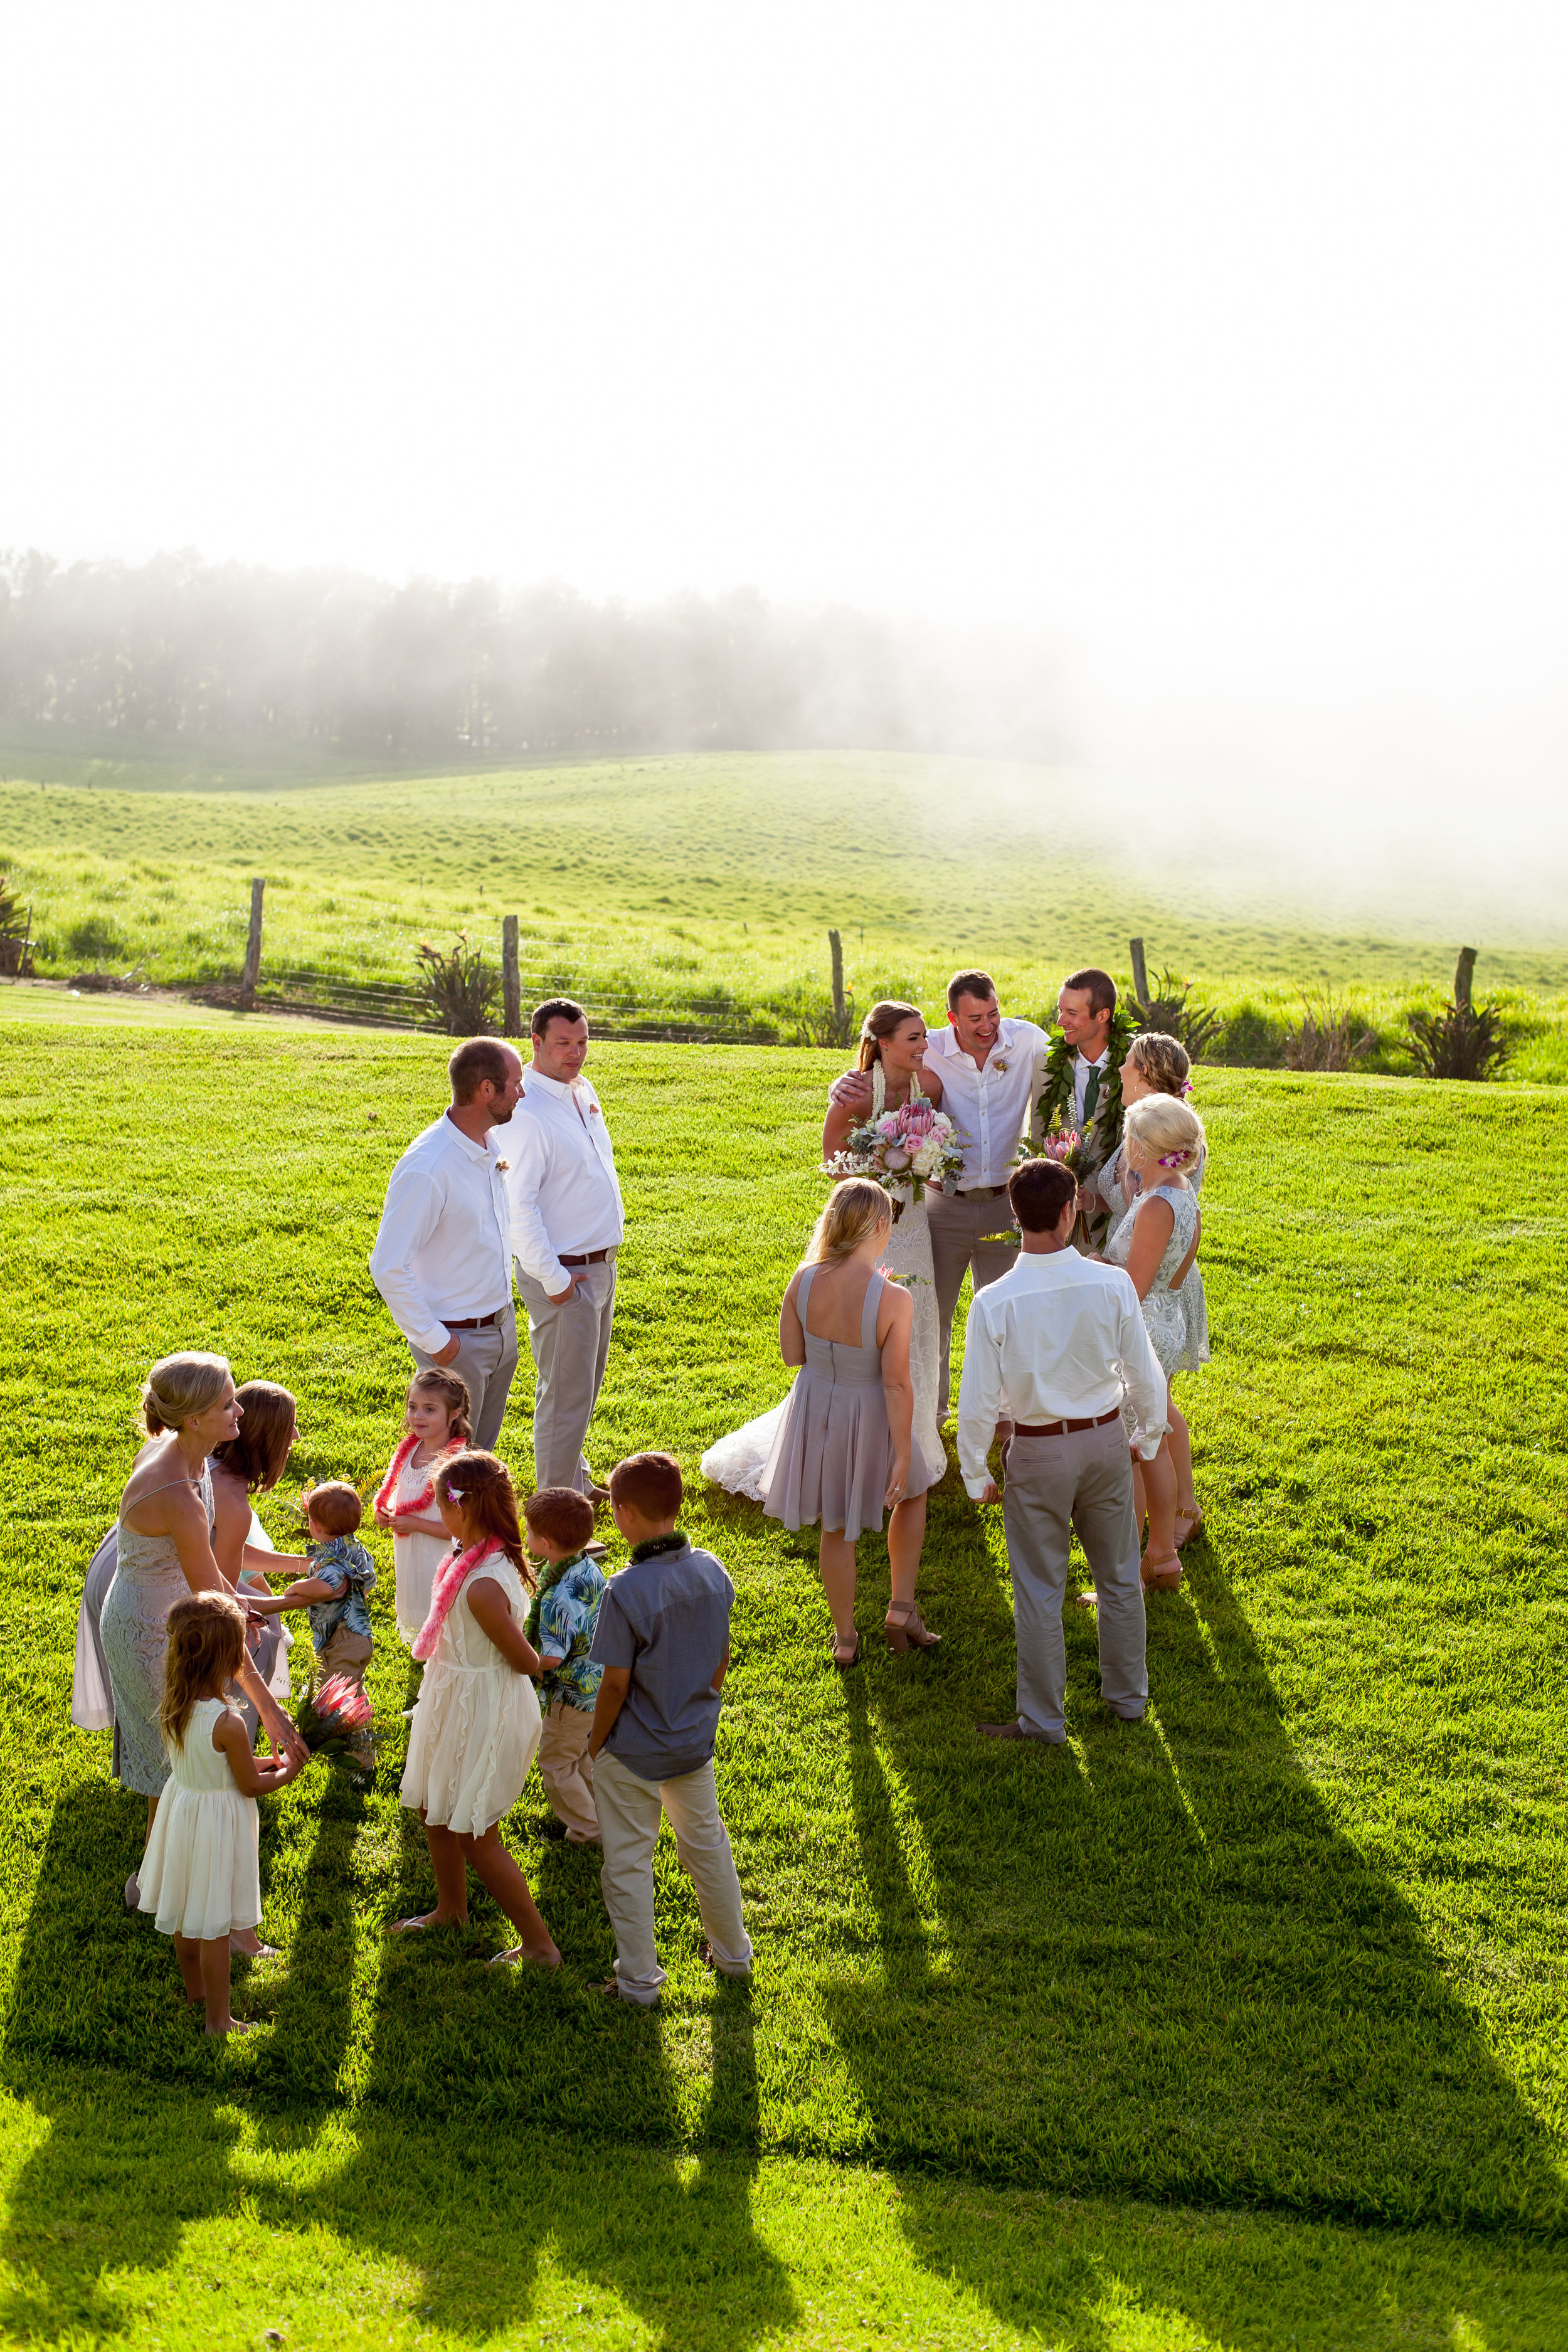 big island hawaii kahua ranch wedding © kelilina photography 20170106165907.jpg